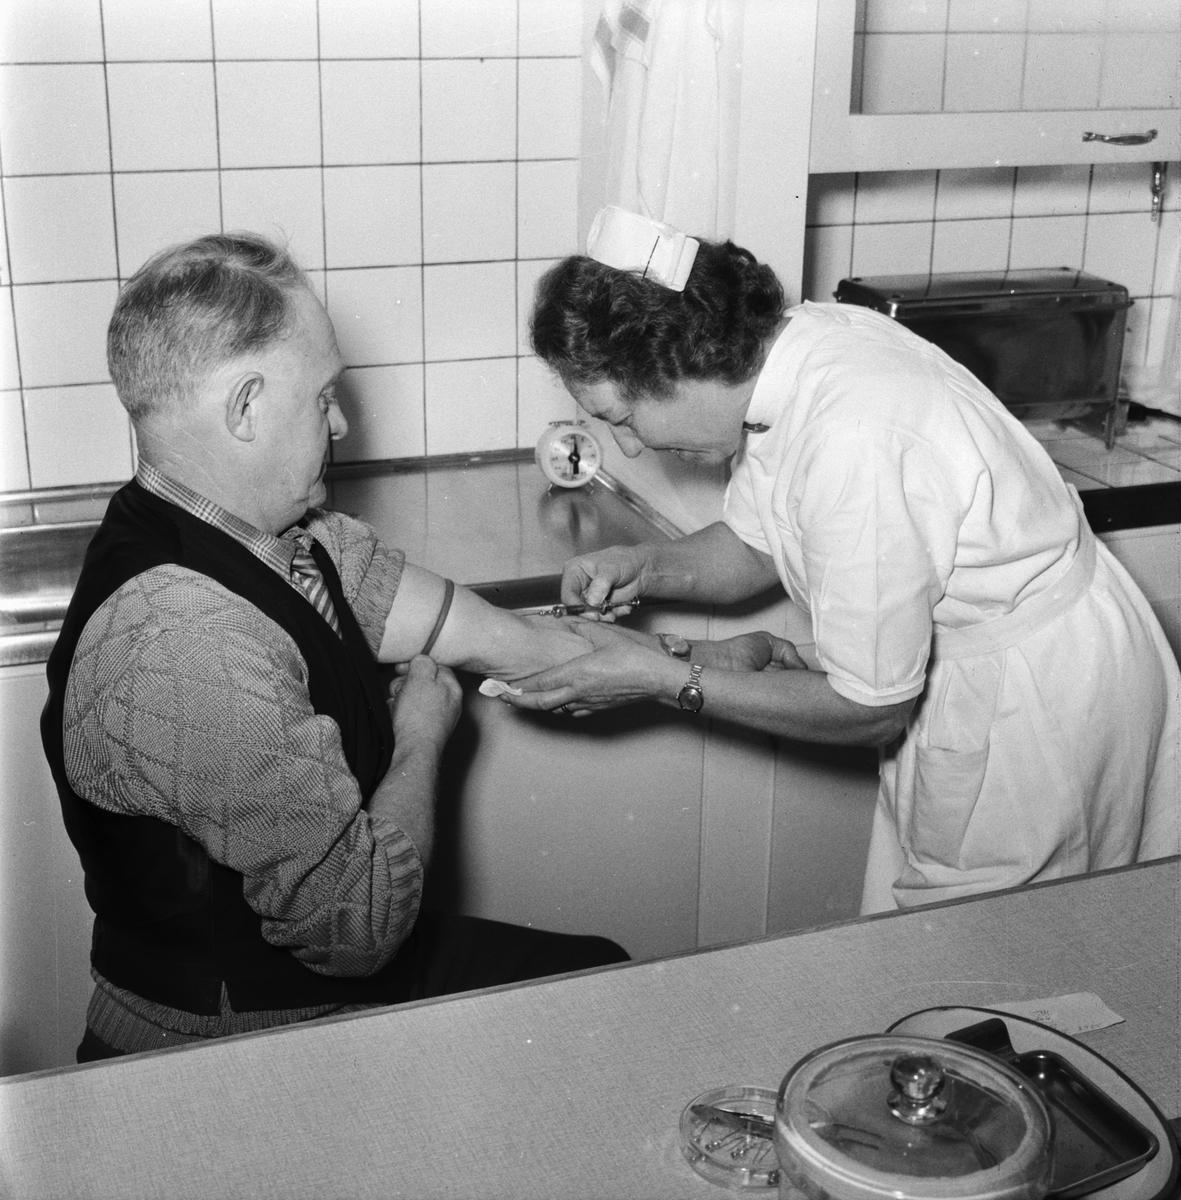 """Övrigt: Foto datum: 1/3 1961 Byggnader och kranar """"Varvet runt"""" Bilder i sjukreserven. Närmast identisk bild: V23203, ej skannad"""